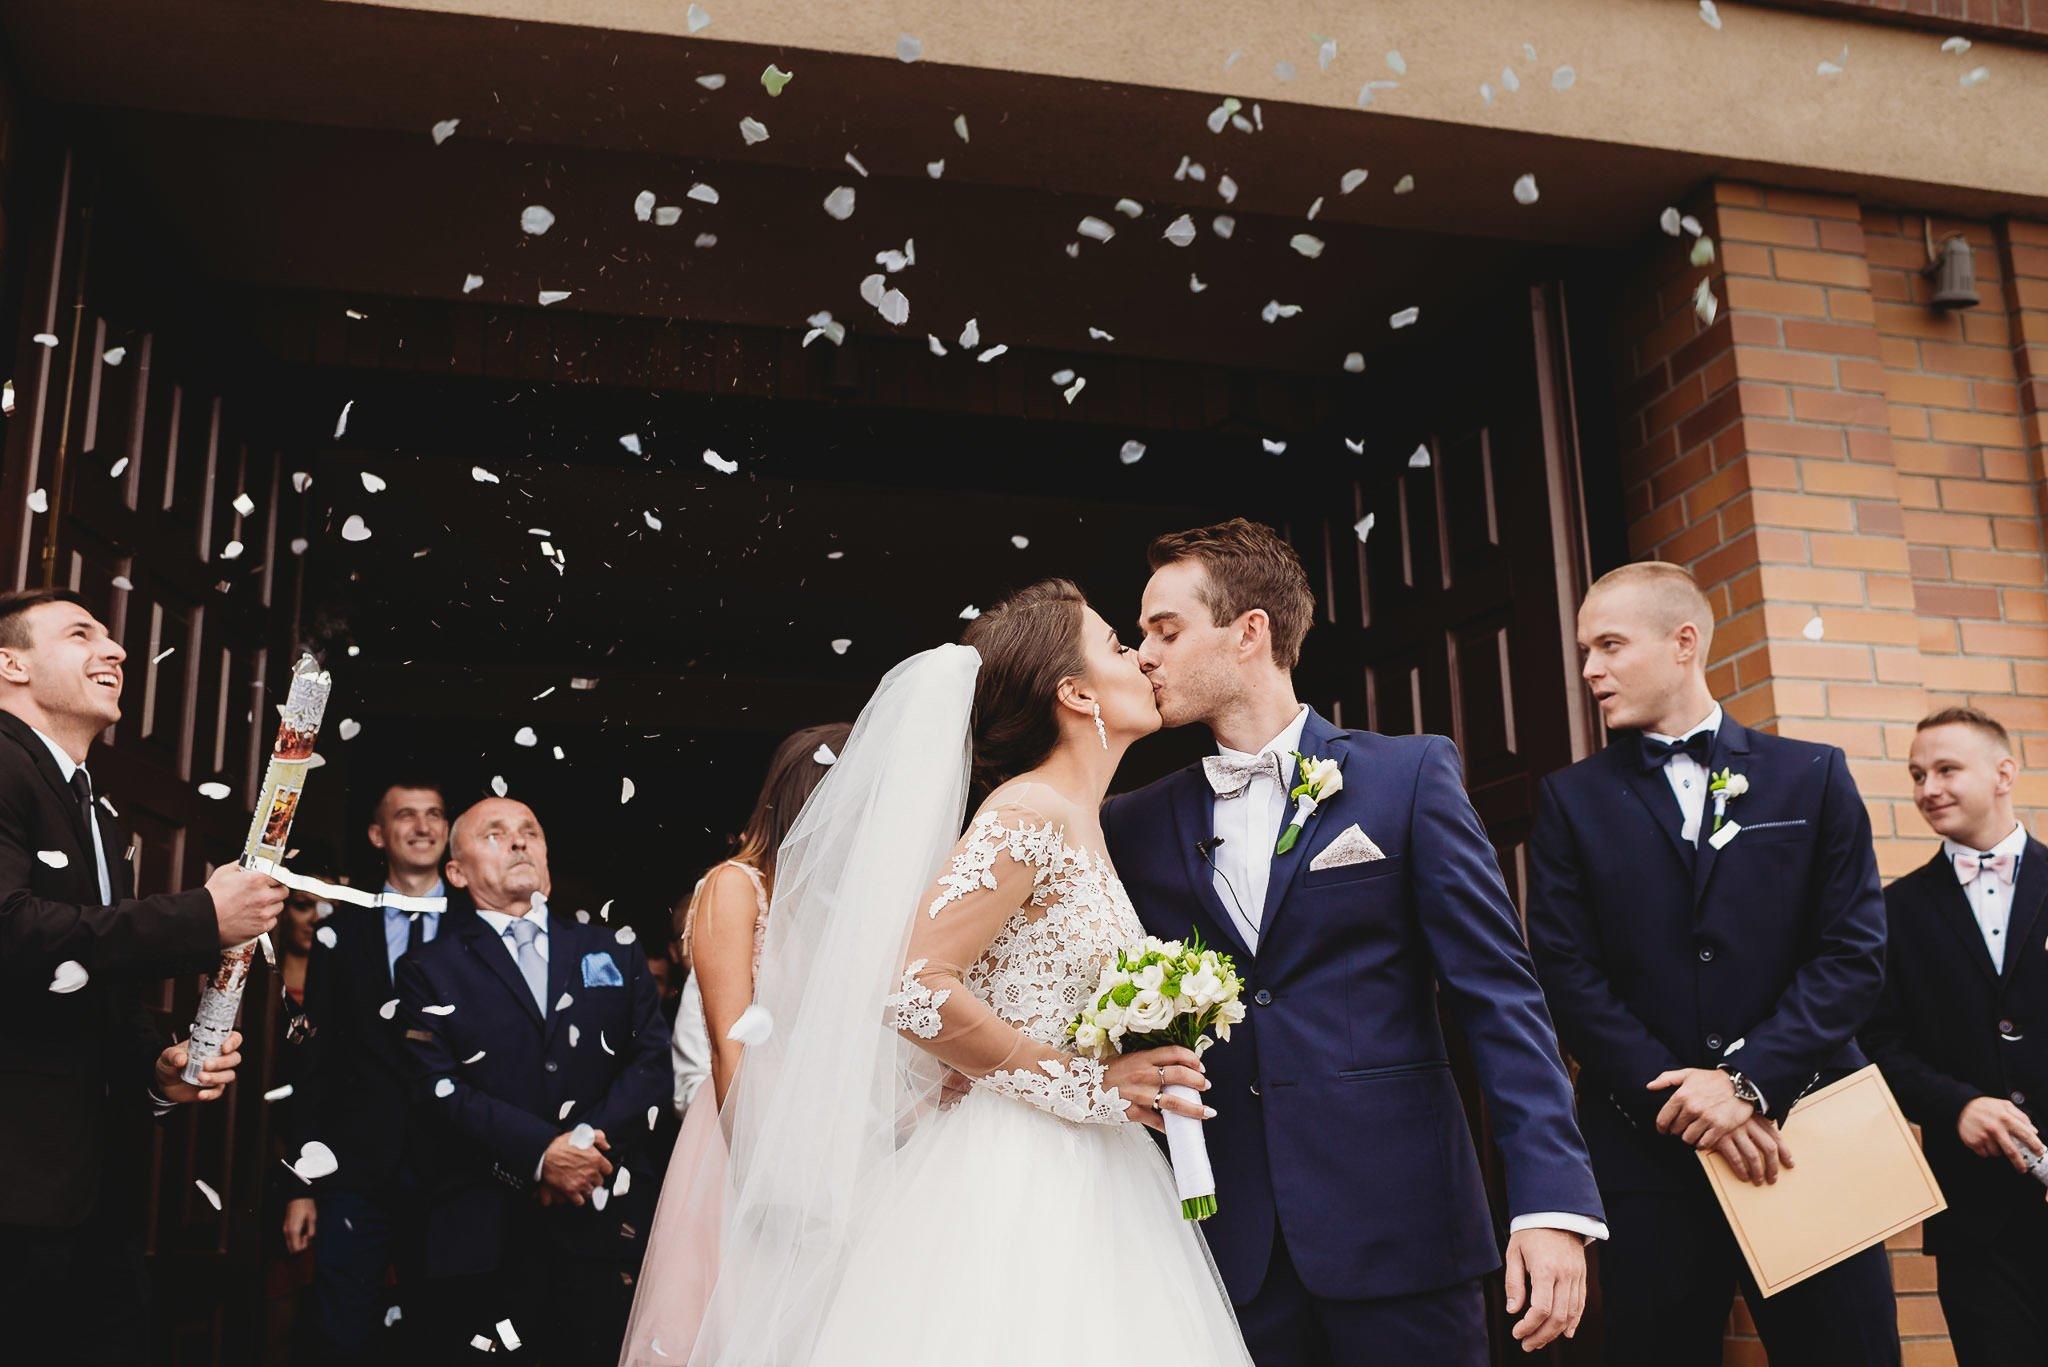 Angelika i Michał, piękne zdjęcia ślubne i sesja plenerowa w Gołuchowie 130